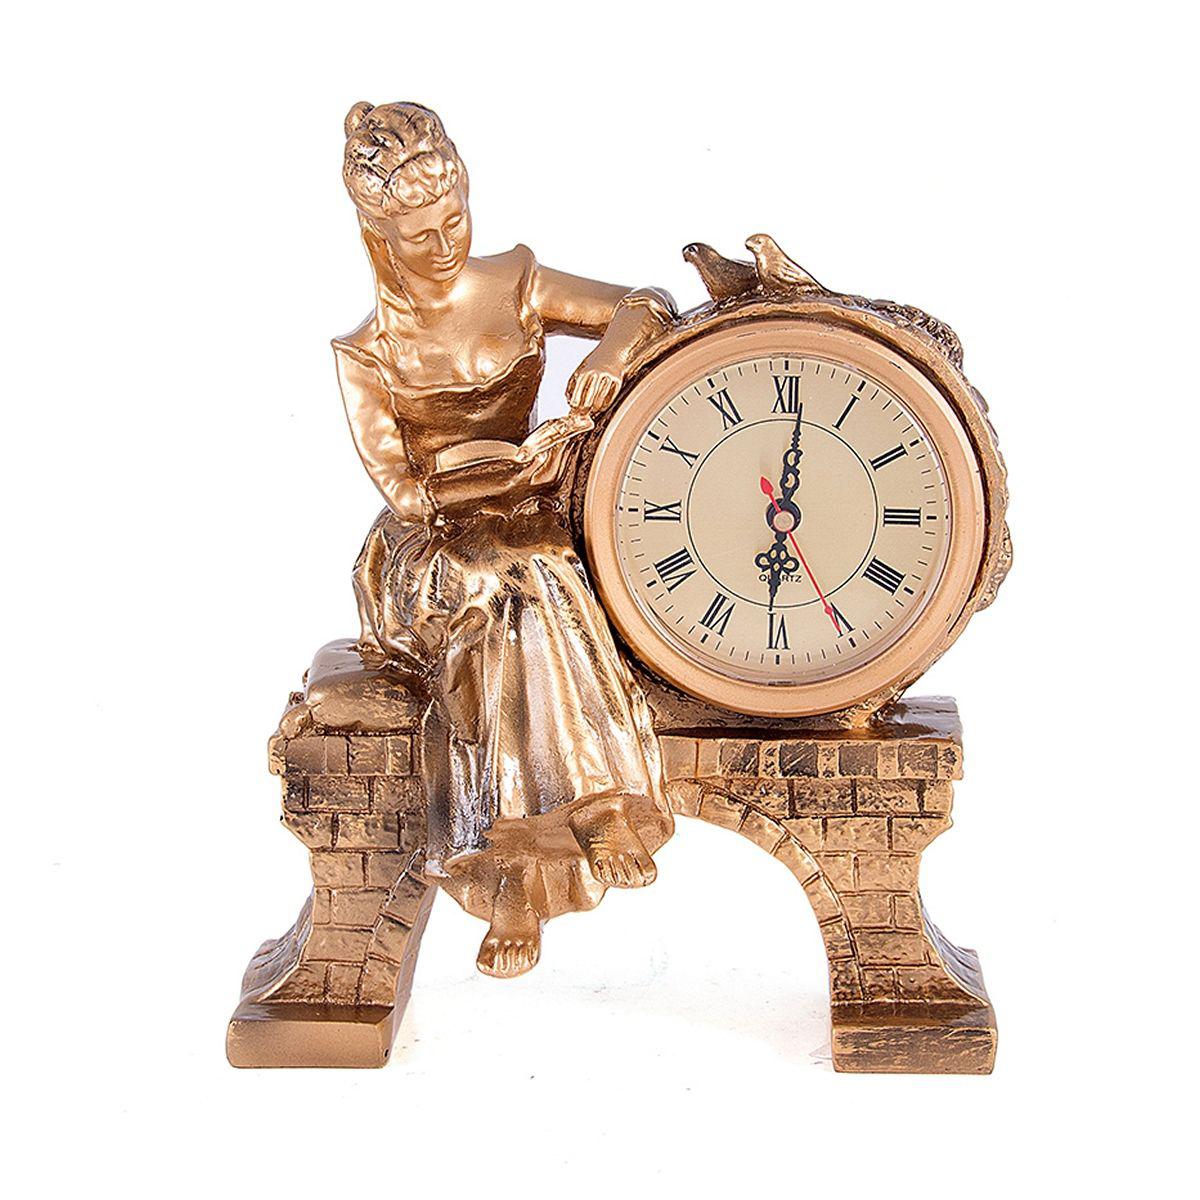 Часы настольные Русские Подарки Дама с книгой, 25 х 20 см. 5941759417Настольные кварцевые часы Русские Подарки Дама с книгой изготовлены из полистоуна. Корпус оформлен фигуркой девушки, читающей книгу. Часы имеют три стрелки - часовую, минутную и секундную. Изящные часы украсят интерьер дома или рабочий стол в офисе. Также часы могут стать уникальным, полезным подарком для родственников, коллег, знакомых и близких. Часы работают от батареек типа АА (в комплект не входят).